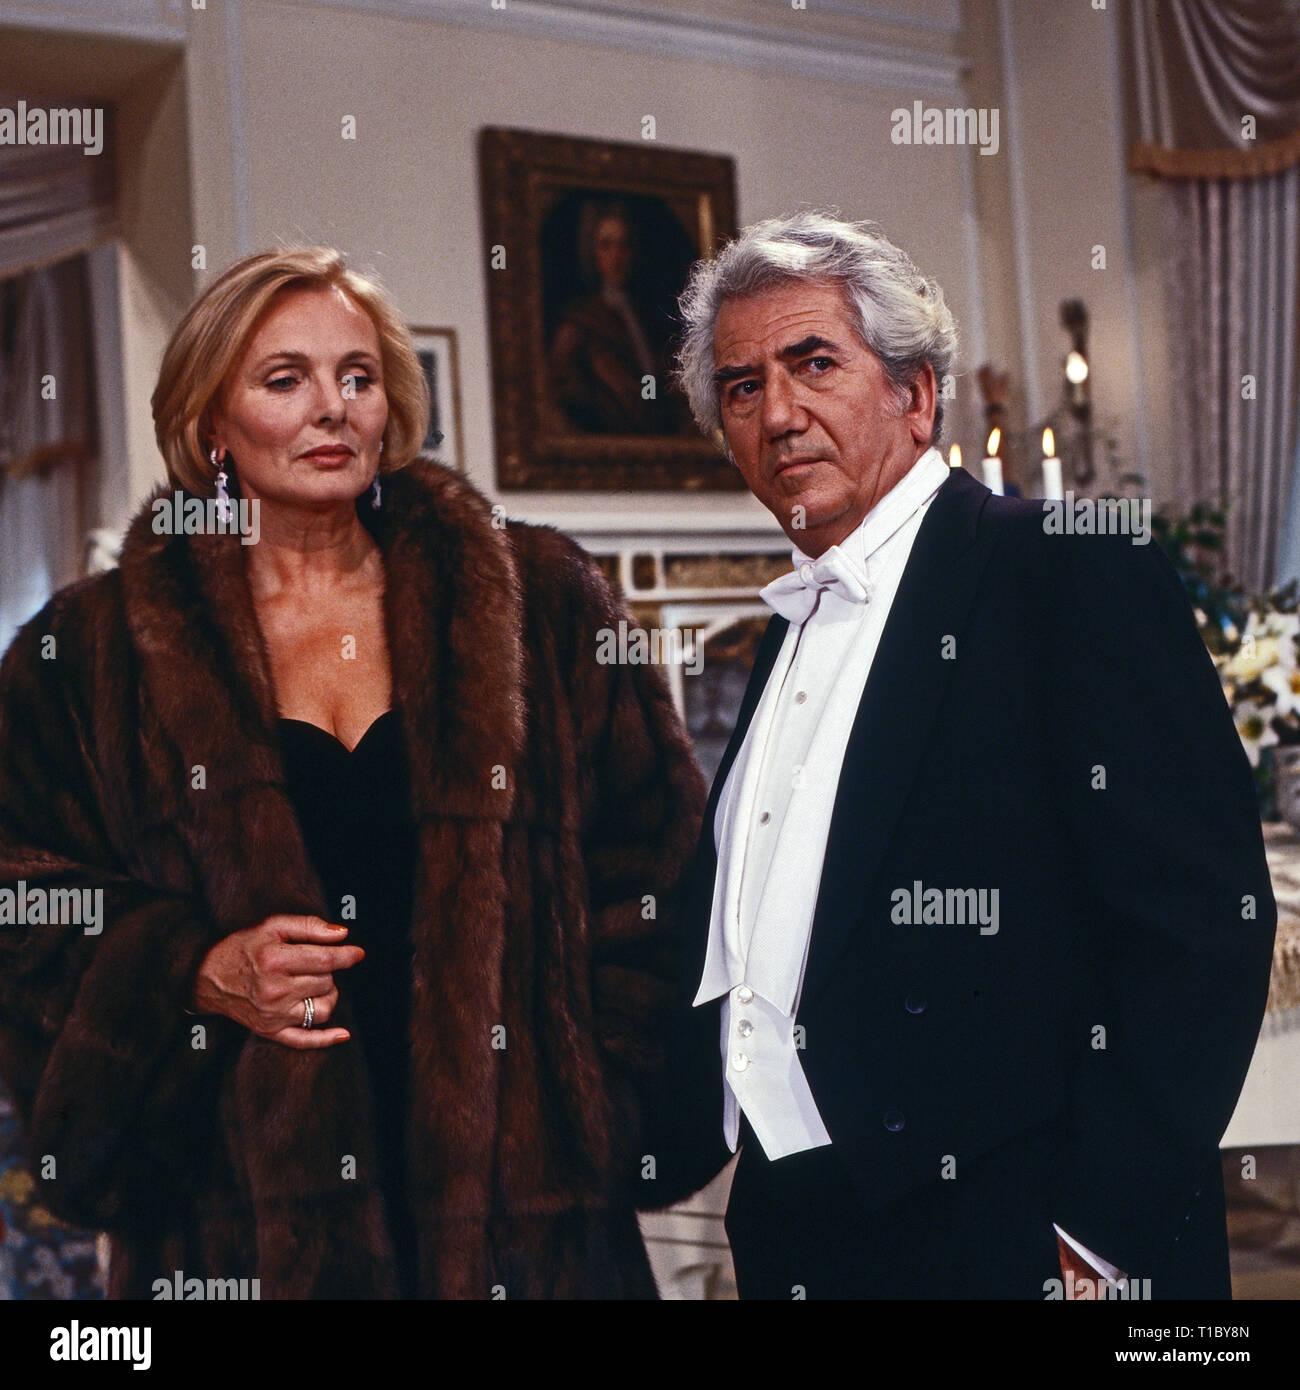 Das Erbe der Guldenburgs, Fernsehserie, Deutschland 1986 - 1988, Folge: 'Der berühmte Gast', Darsteller: Ruth Maria Kubitschek Daniel Gelin - Stock Image